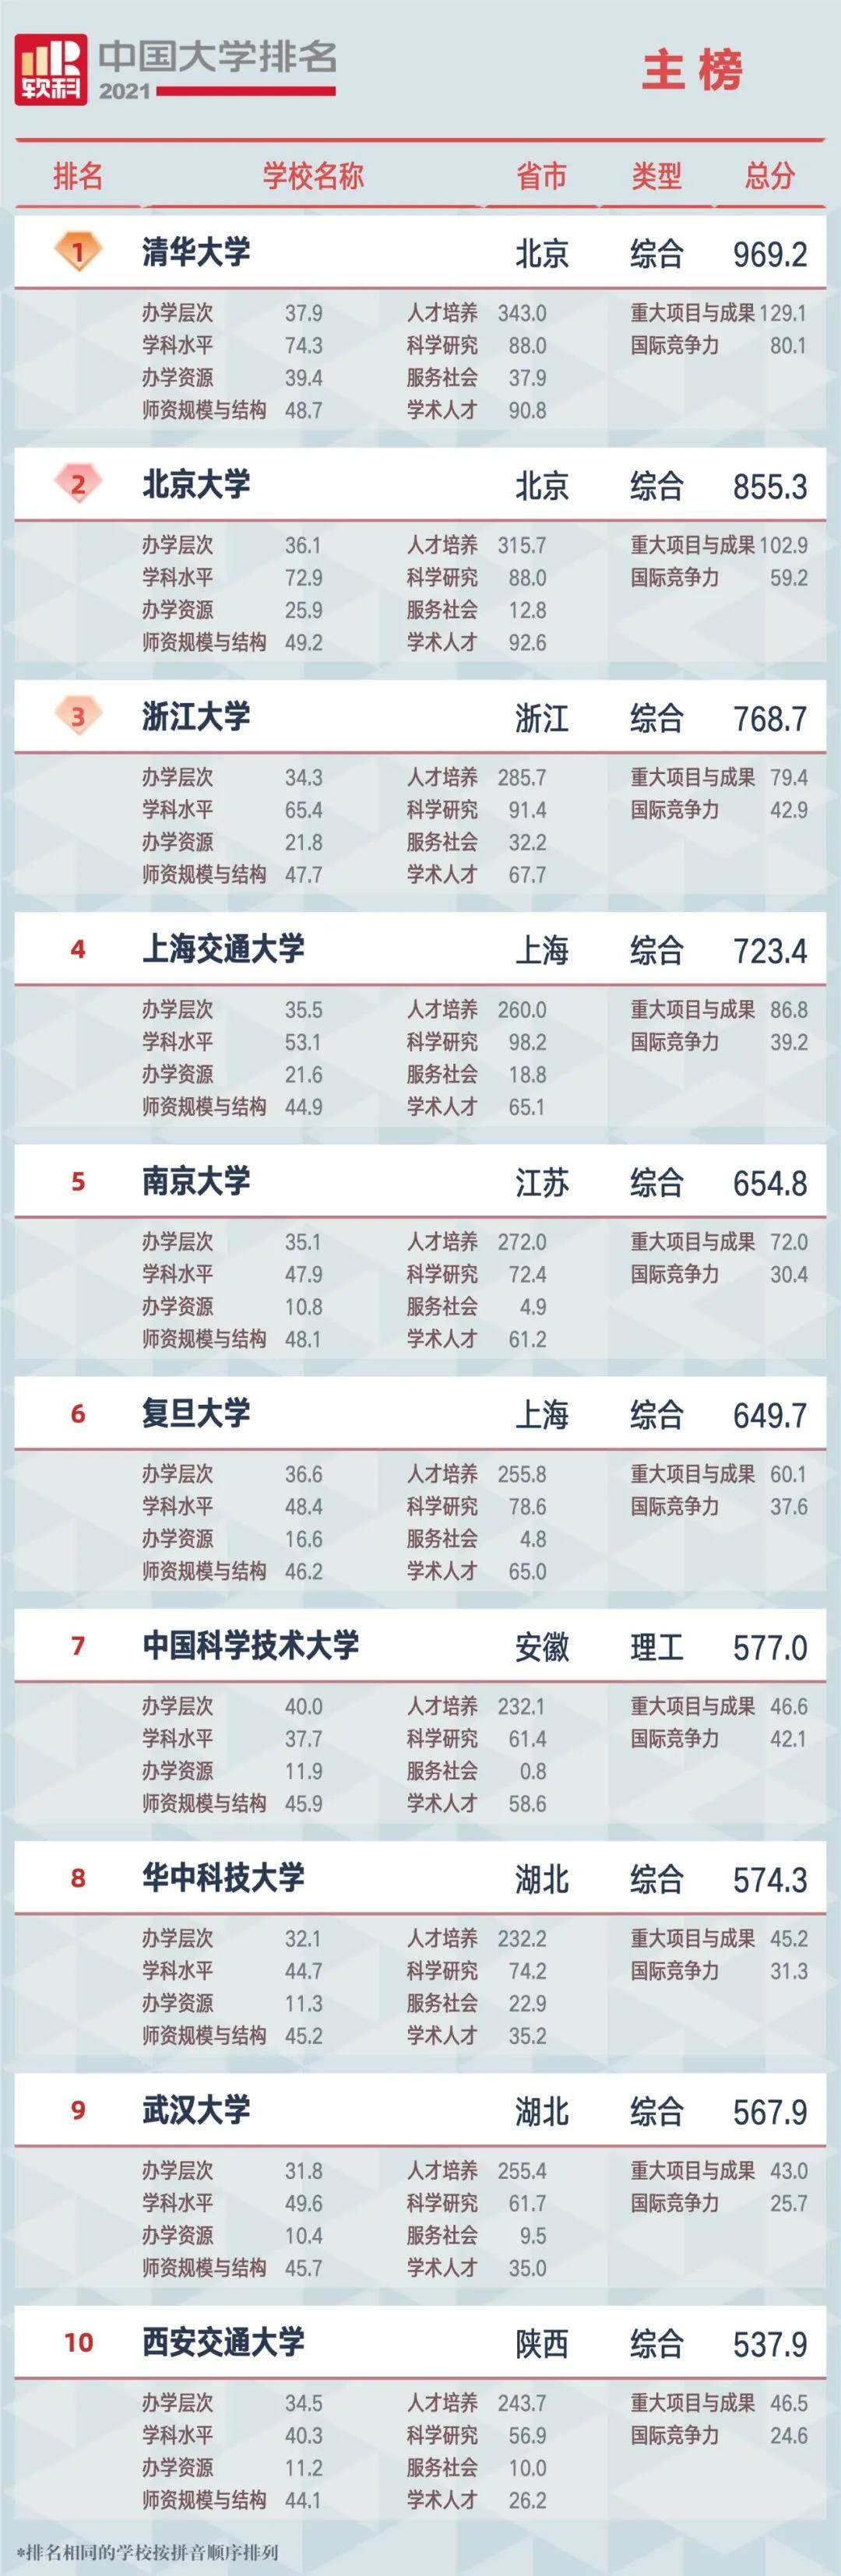 2021中国大学排名正式发布